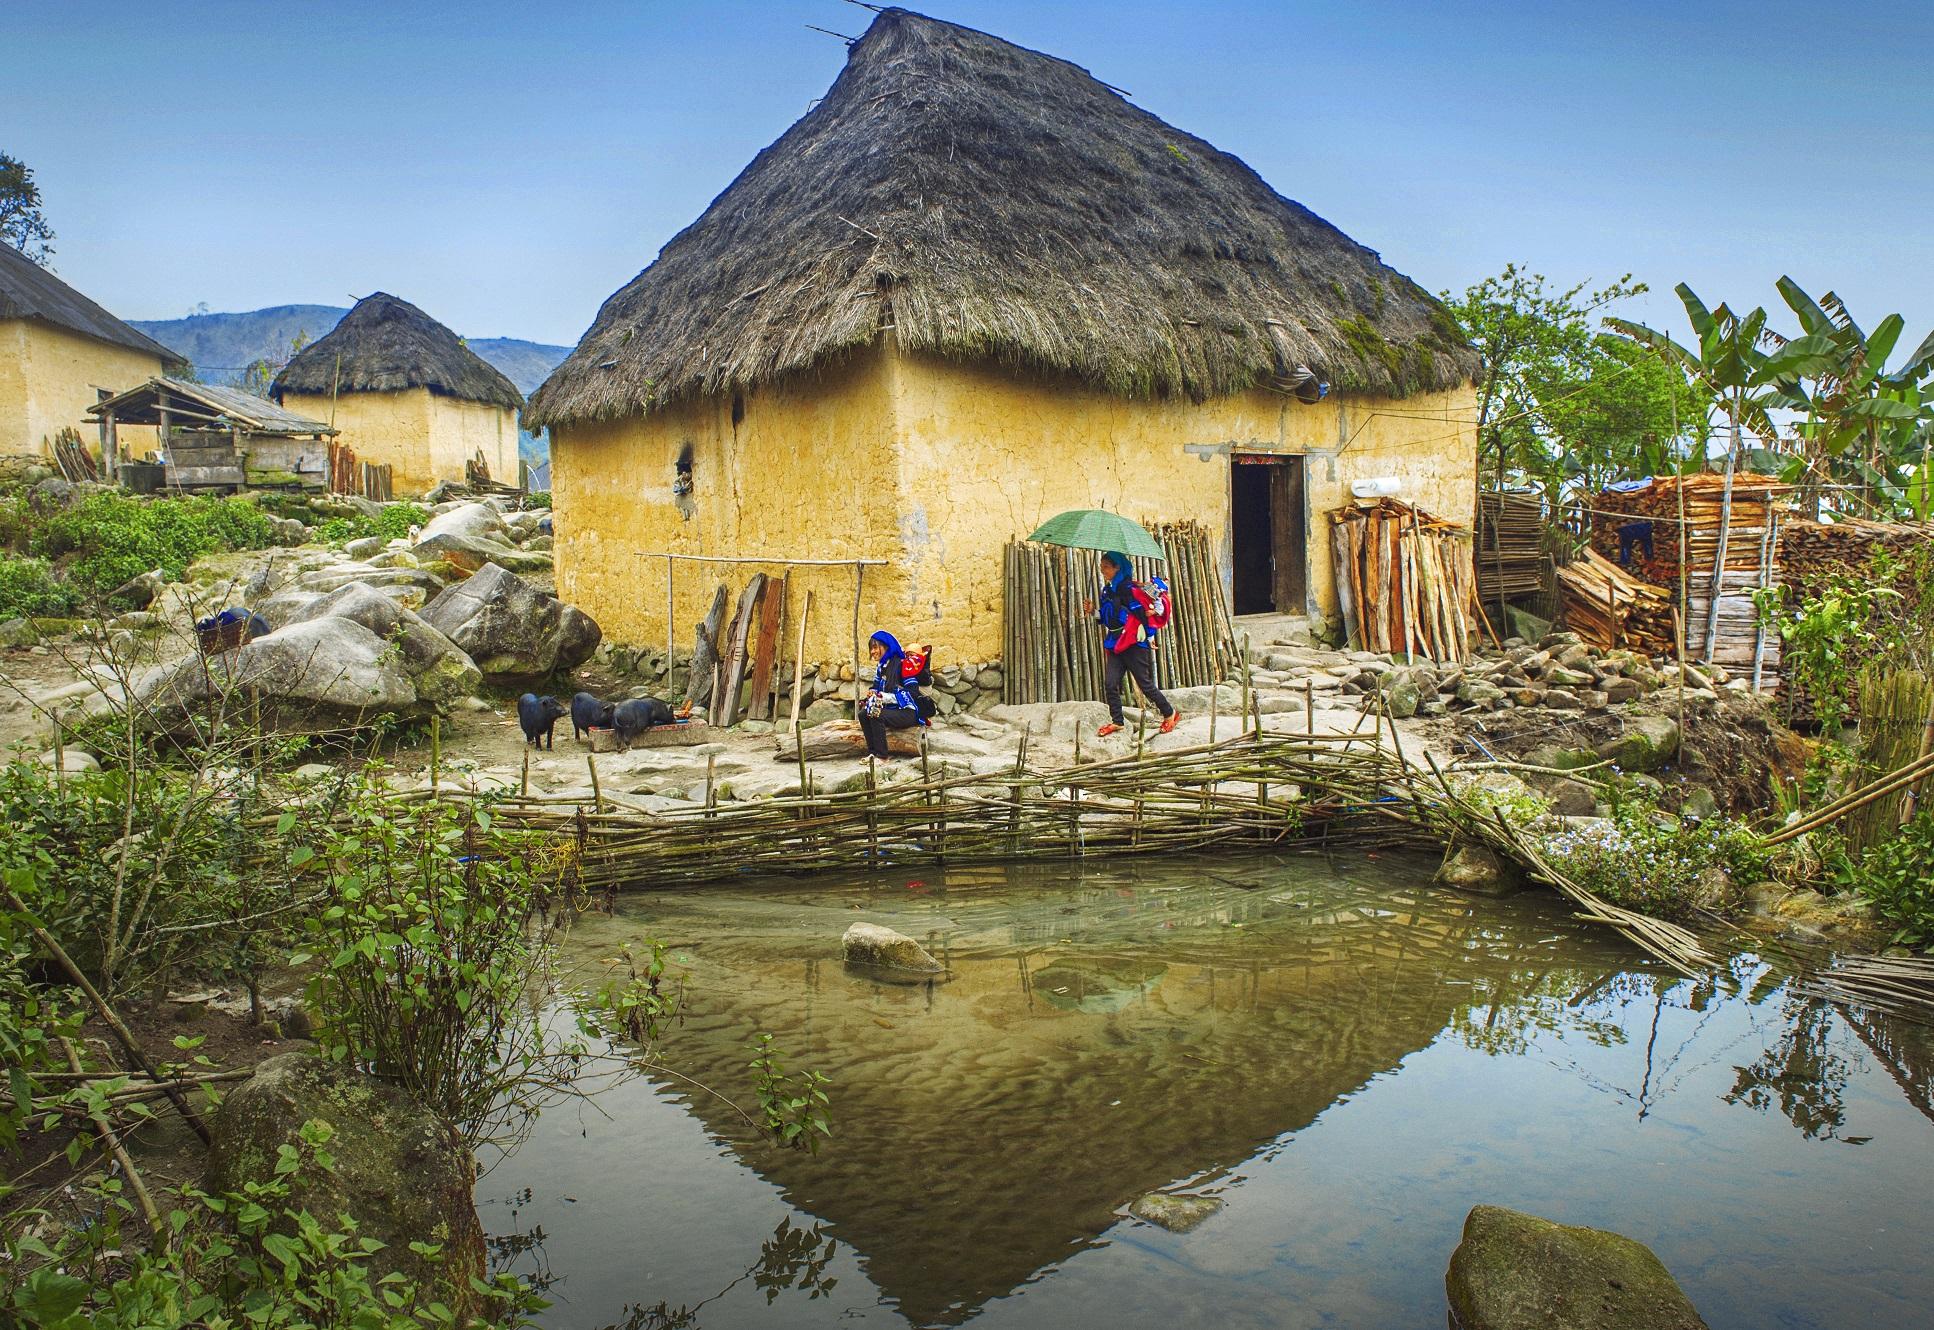 Y Tý tiềm ẩn nhiều nét đẹp độc đáo trong văn hóa của đồng bào Hà Nhì, đồng bào Mông...để phát triển du lịch